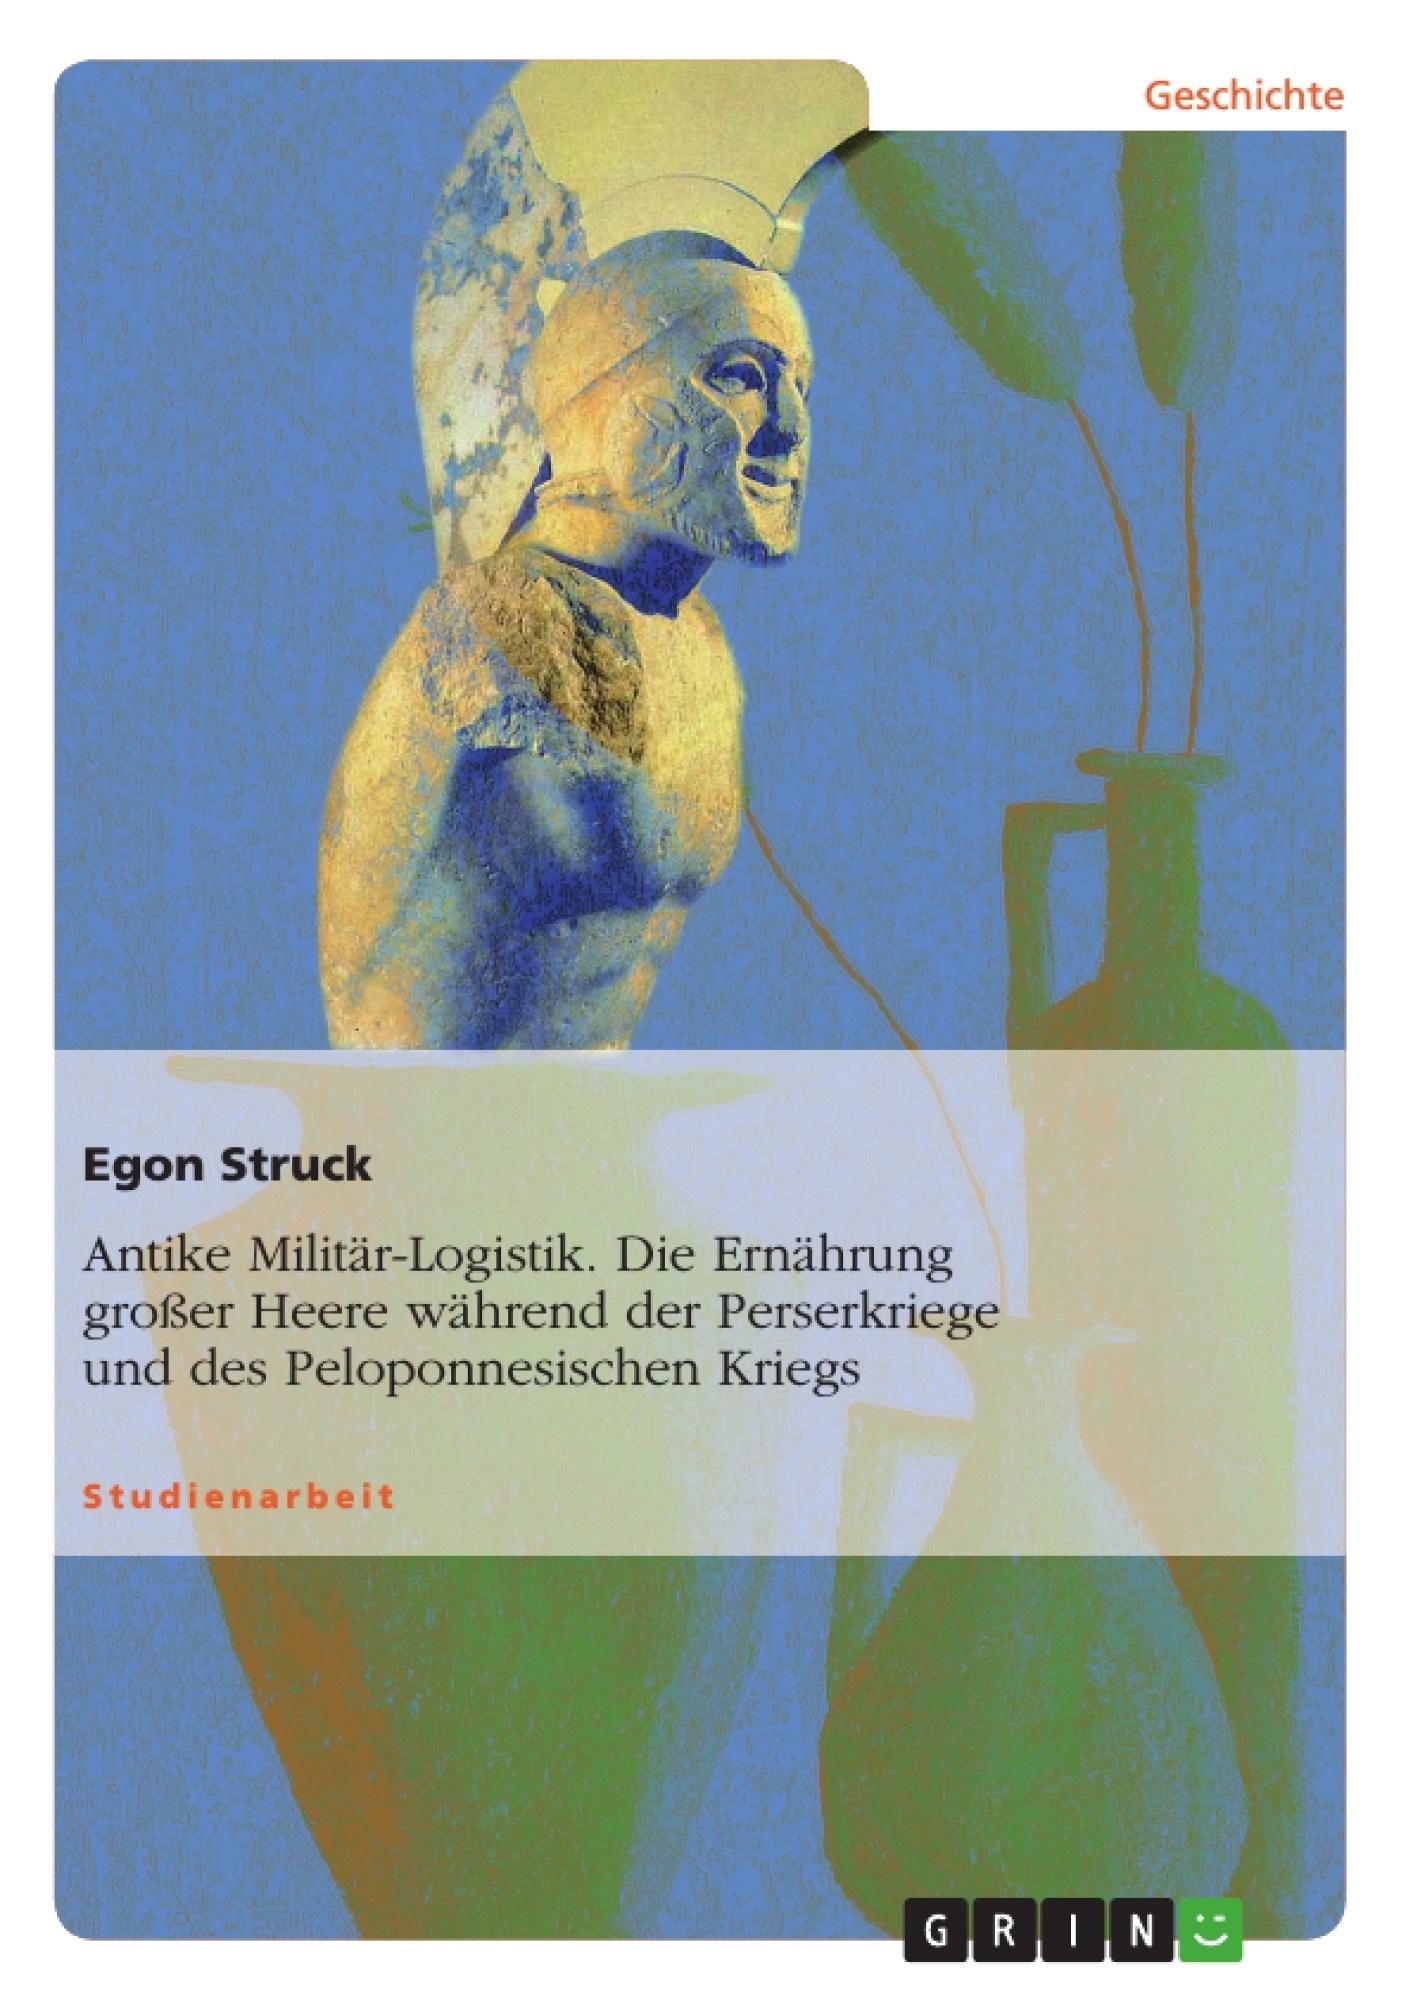 Titel: Antike Militär-Logistik. Die Ernährung großer Heere während der Perserkriege und des Peloponnesischen Kriegs